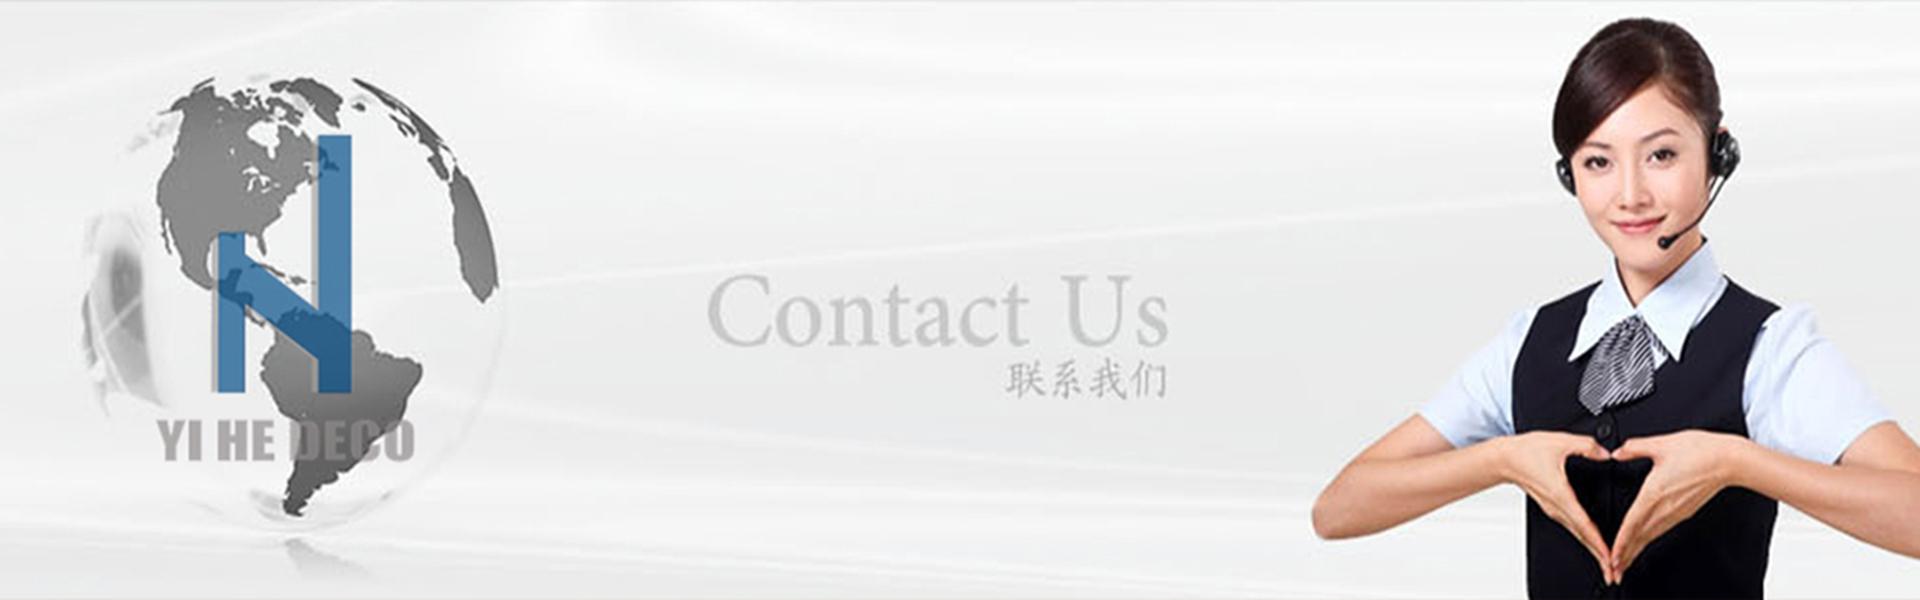 泰安立天广告传媒有限公司成立于2004年,公司位于泰安光彩大市场,是一家技术先进、实力雄厚,集广告设计、户外广告、楼顶广告、标识标牌于一体的专业制作公司。专业制作各种门头广告牌、灯箱、LED发光字、吸塑发光字、超薄灯箱、水晶灯箱、吸塑灯箱、LED显示屏、展板、X展架、易拉宝、钛金字、铁皮字、水晶字、PVC字、写真、喷绘、印刷彩页、海报、条幅、锦旗、彩旗、绶带、制度牌、标牌、租售桁架舞台等。是一家集设计、制作、安装,为一体的综合性广告公司。